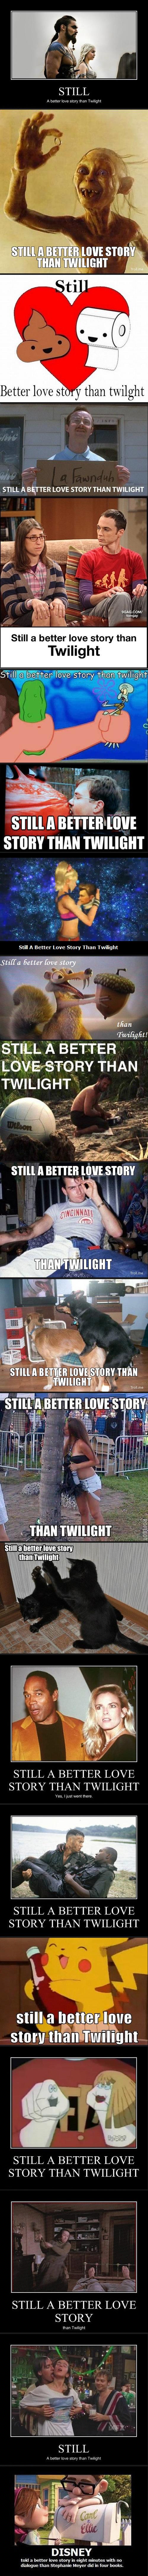 Still A Better Love Story Than Twilight. twitter.com/#!/Alheath4L. STILL A B' TTER LOVE STORY THAN TWILIGHT mm F STILL II ' DIIE STORY THAN TWILIGHT dwilight! S still a better Love story than twilight